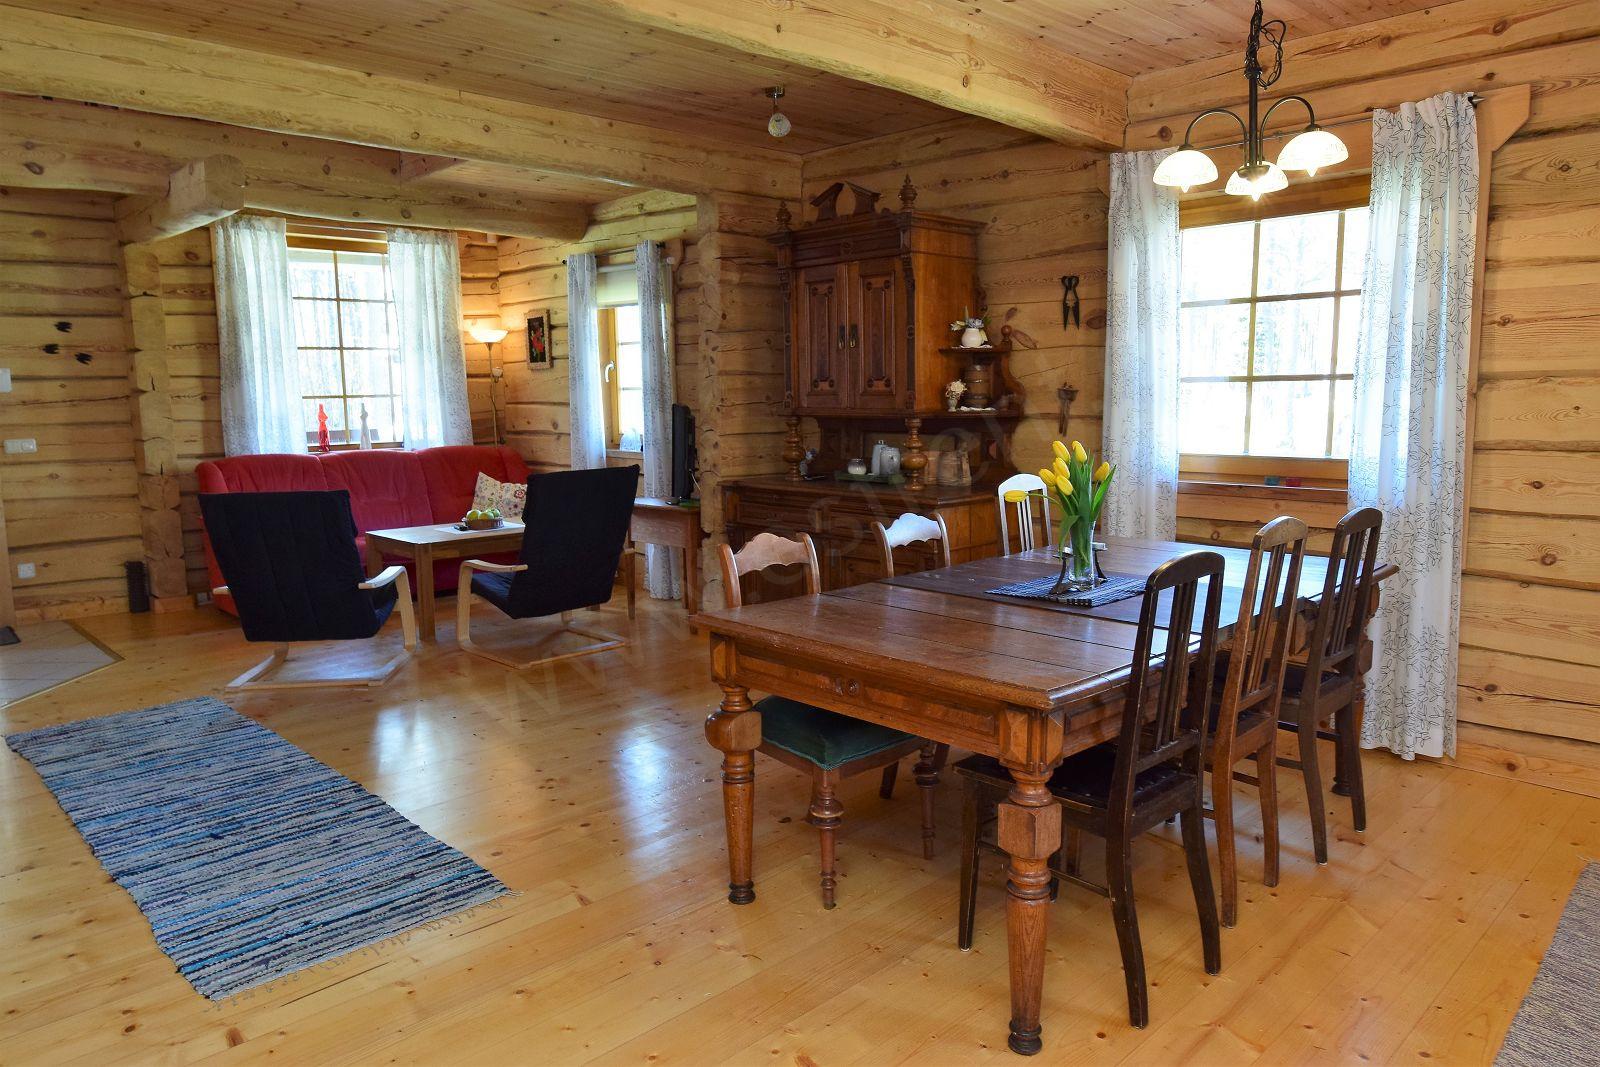 Ferienhaus -Mändjala/Juhani » Kaarma vald » Saaremaa » Estland